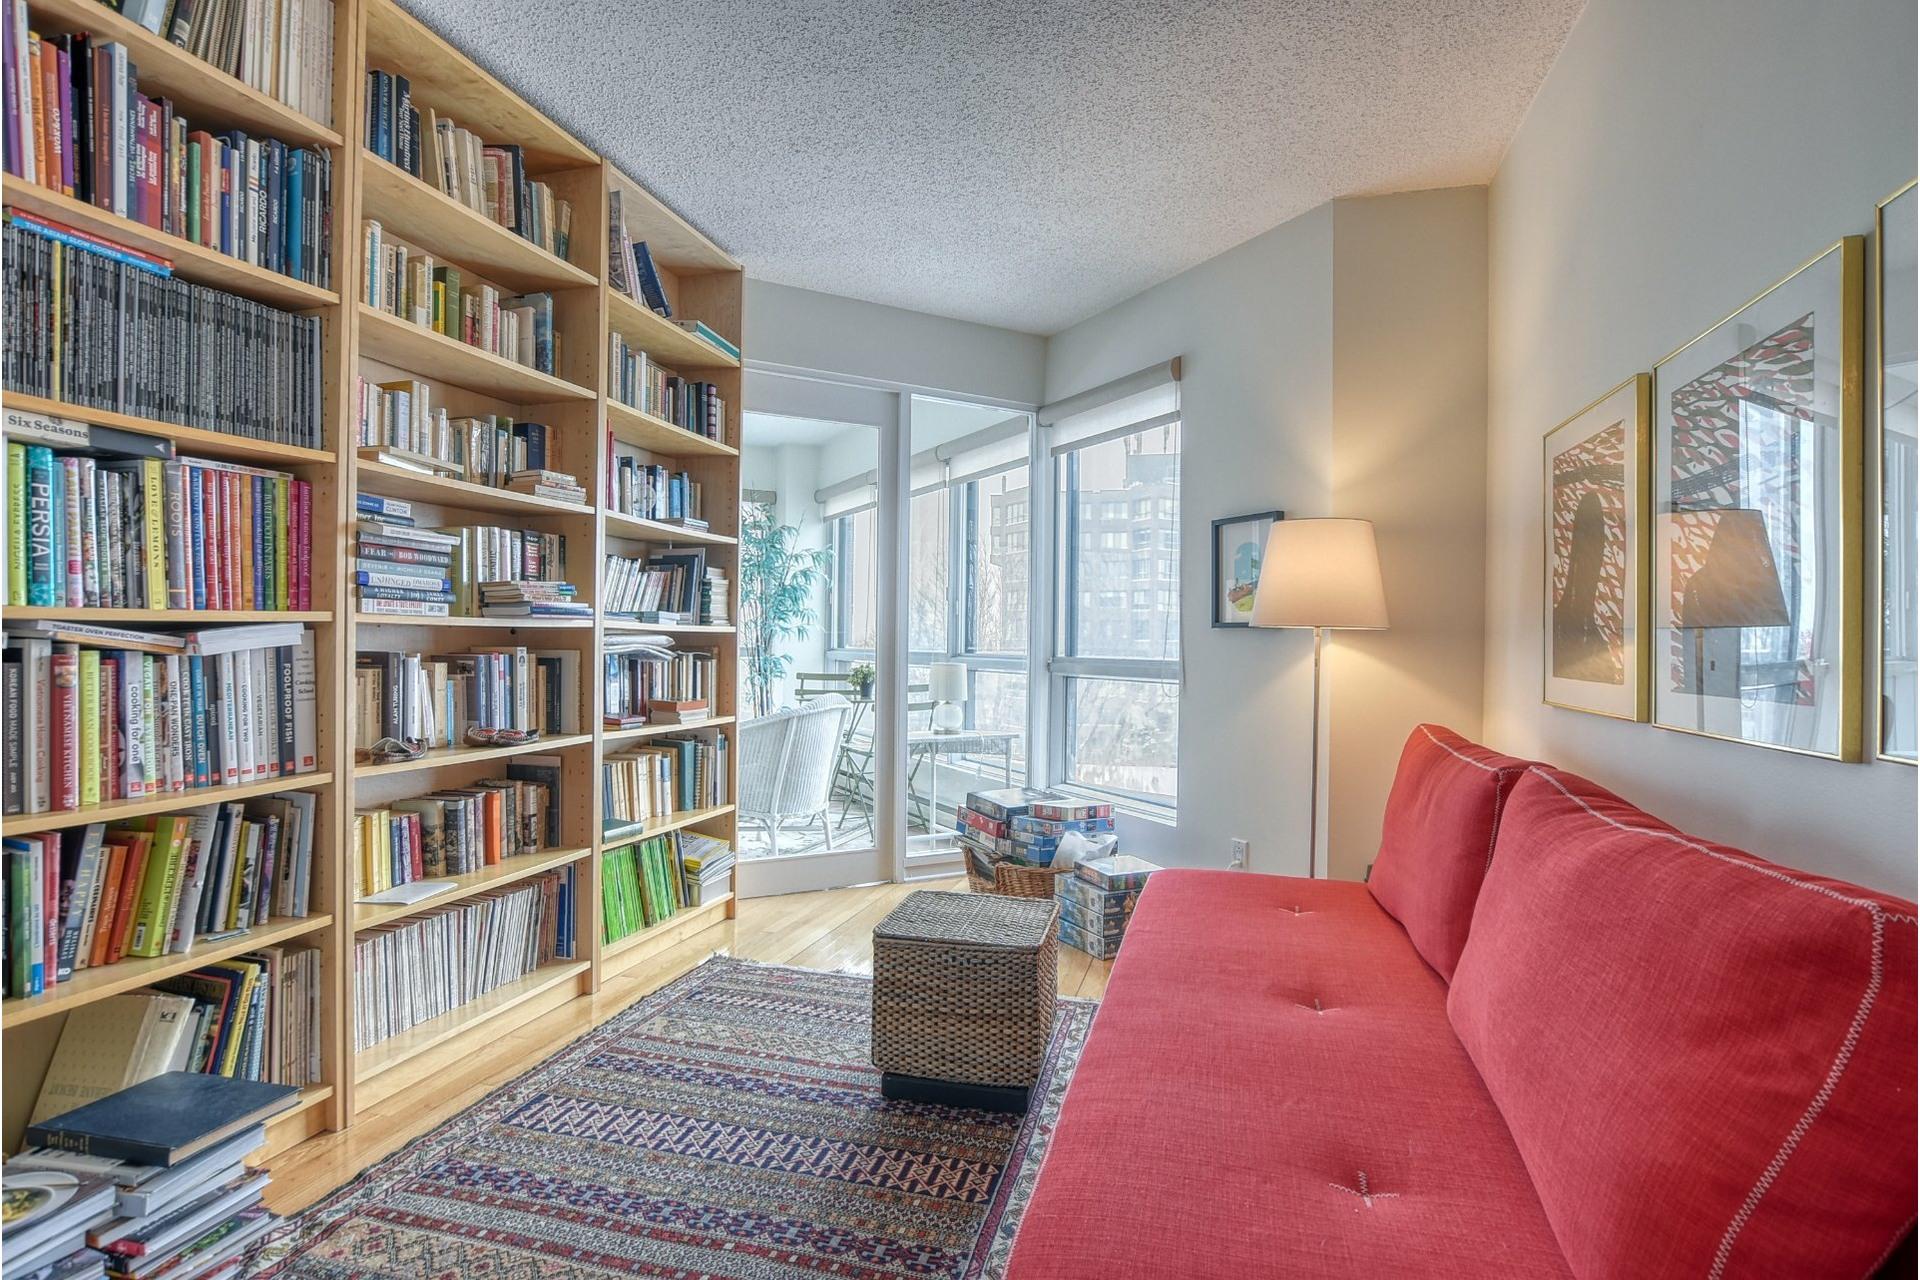 image 19 - Appartement À vendre Verdun/Île-des-Soeurs Montréal  - 6 pièces